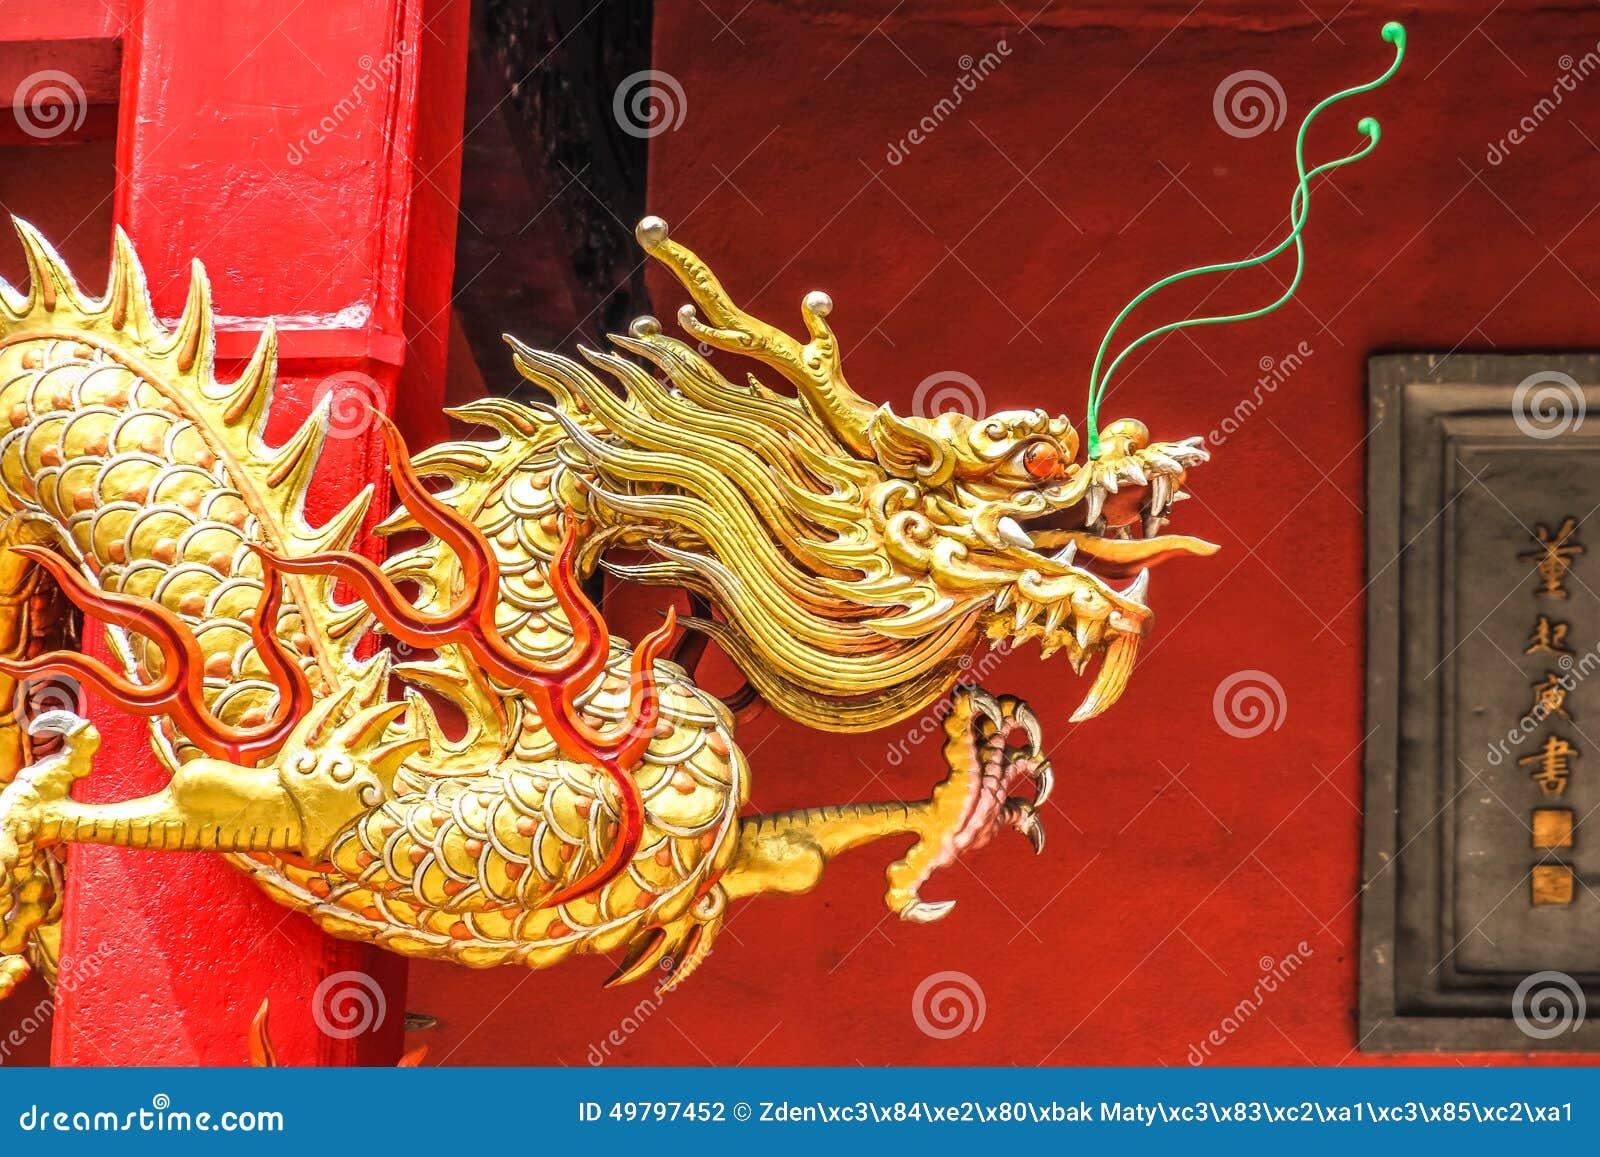 在红色墙壁上的金黄中国龙